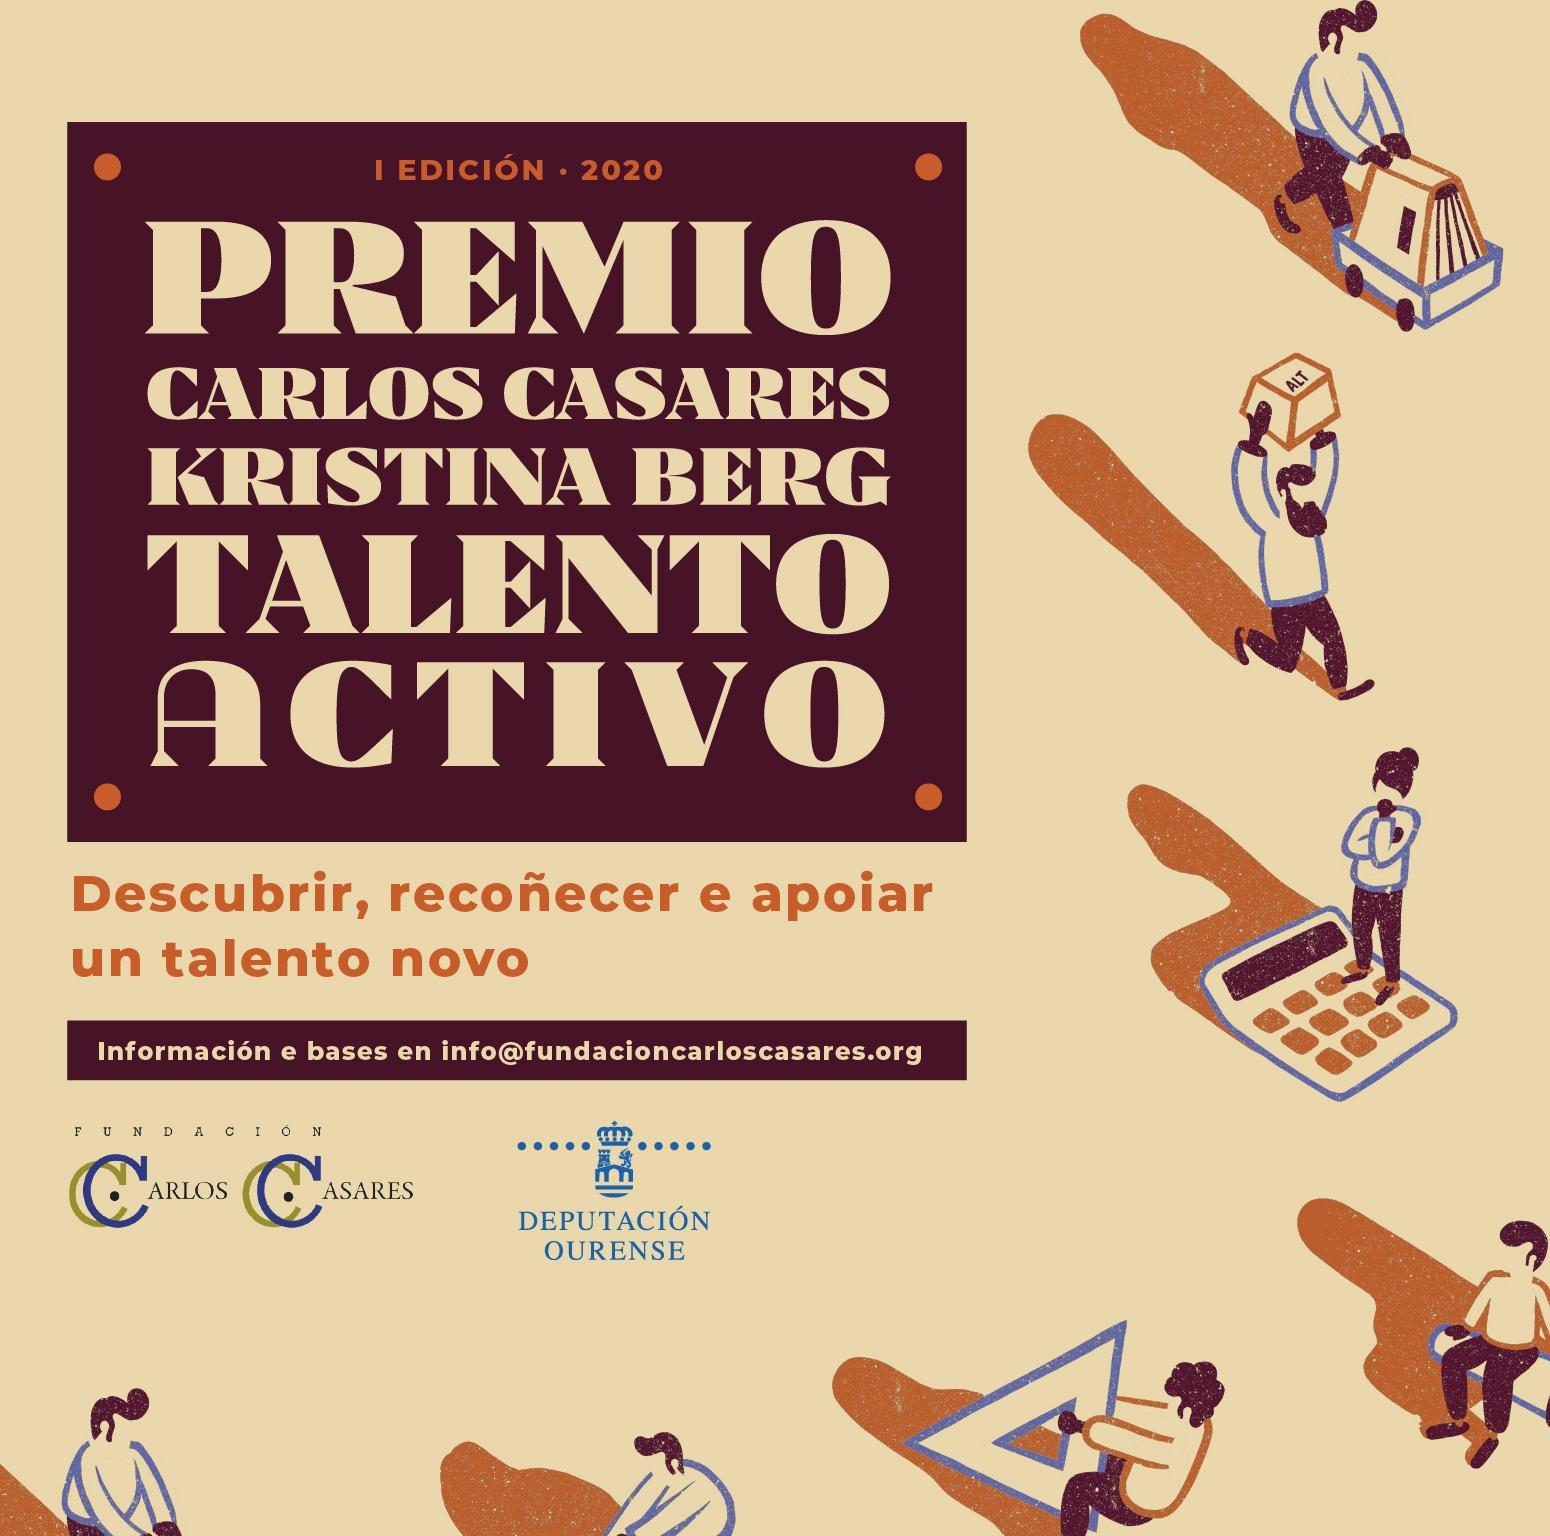 O creador foi galardoado co Premio Carlos Casares-Kristina Berg ao talento activo 2020